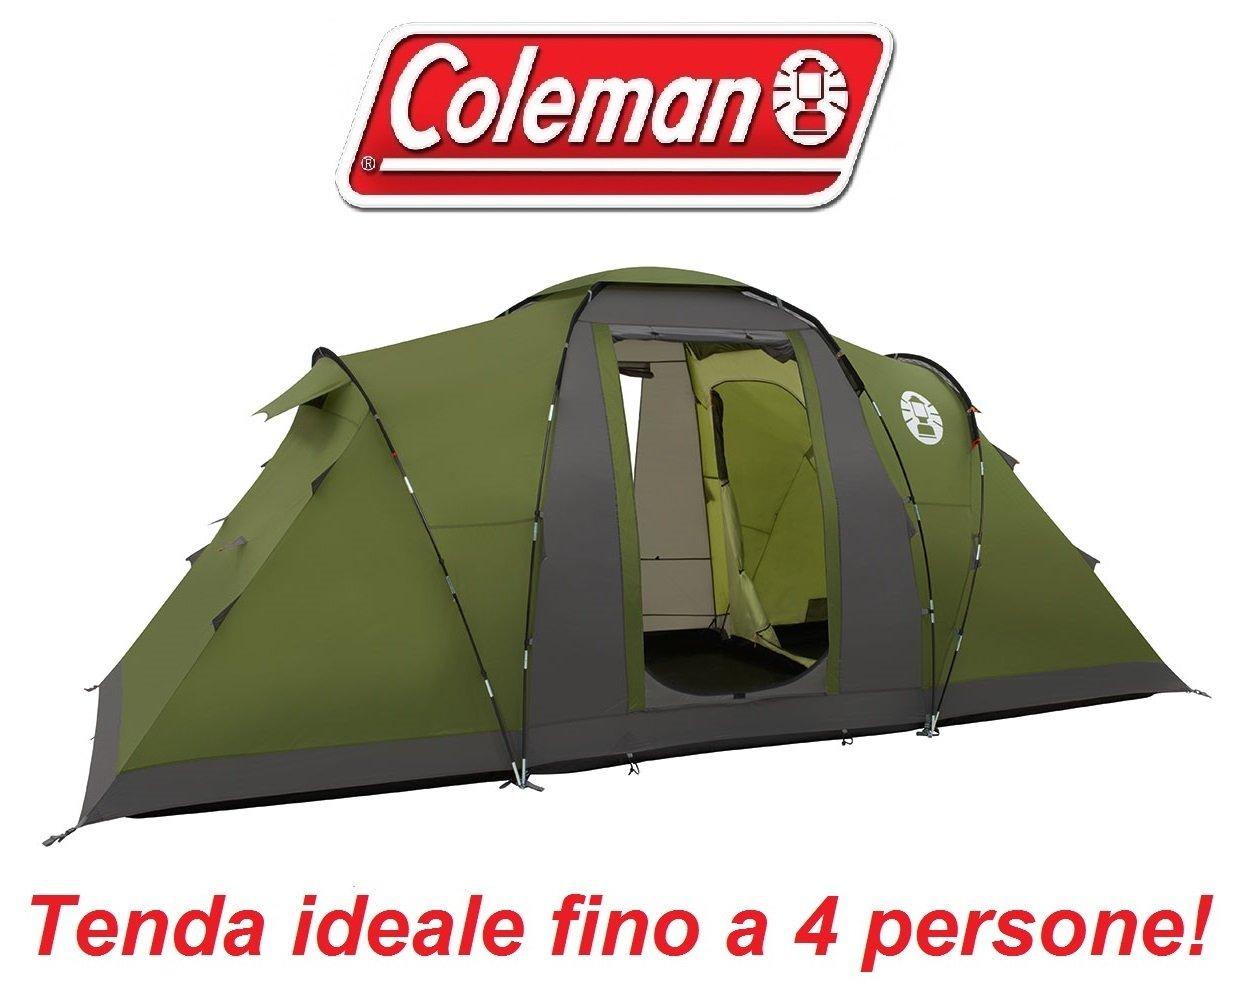 Familienzelt für Camping für 4 Personen Modell Bering Marke Coleman mit Stoff Autofokus verzögert und Tragetasche